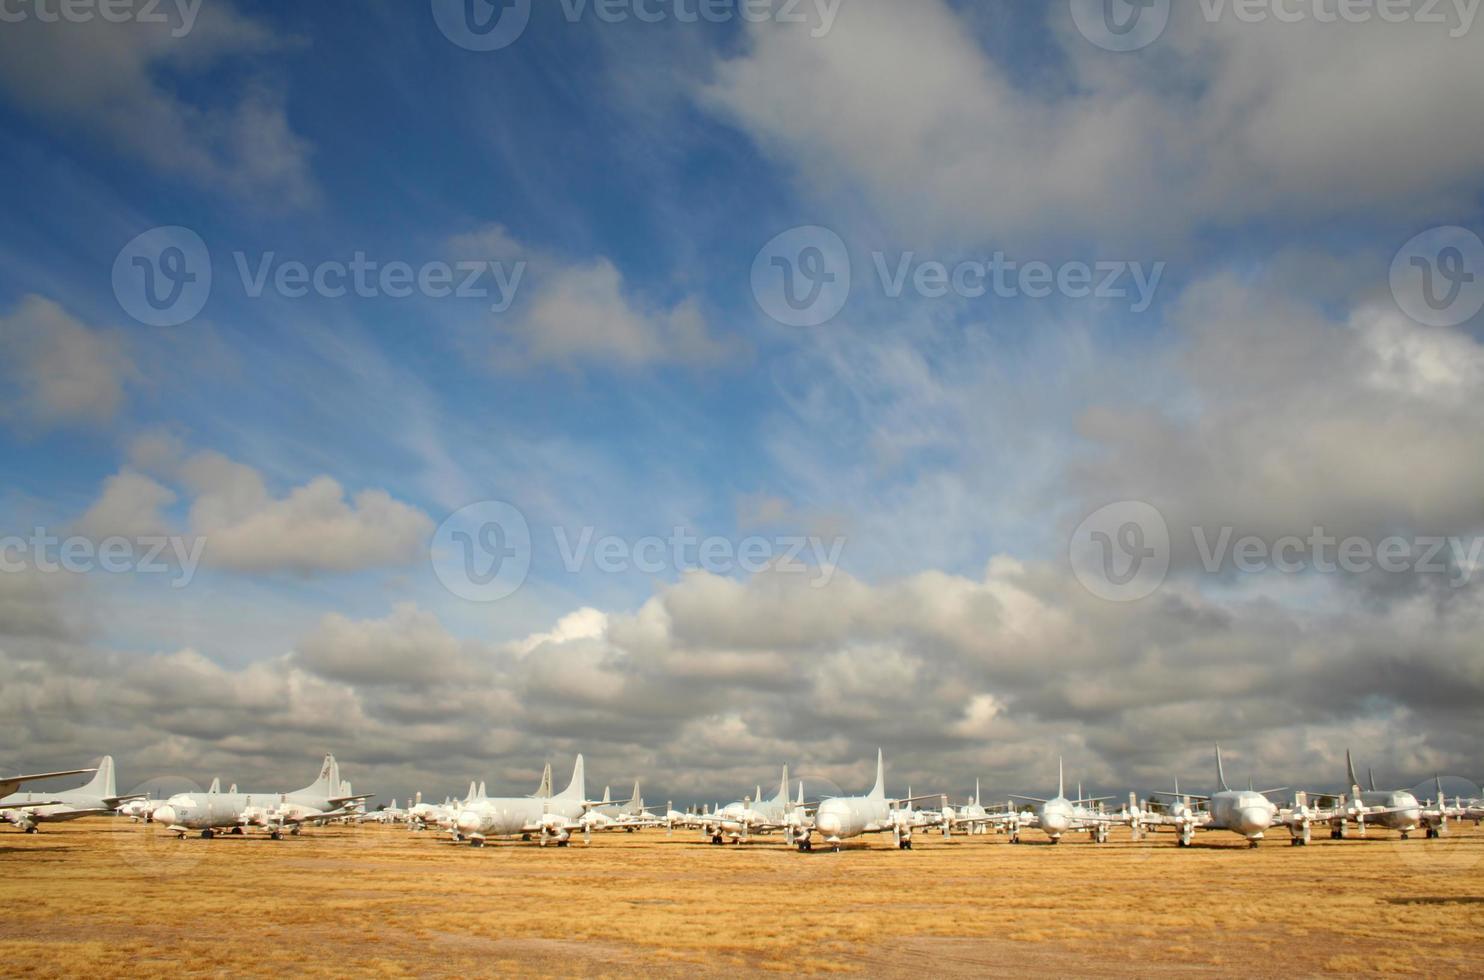 un aéroport avec de nombreux avions blancs stationnés côte à côte photo